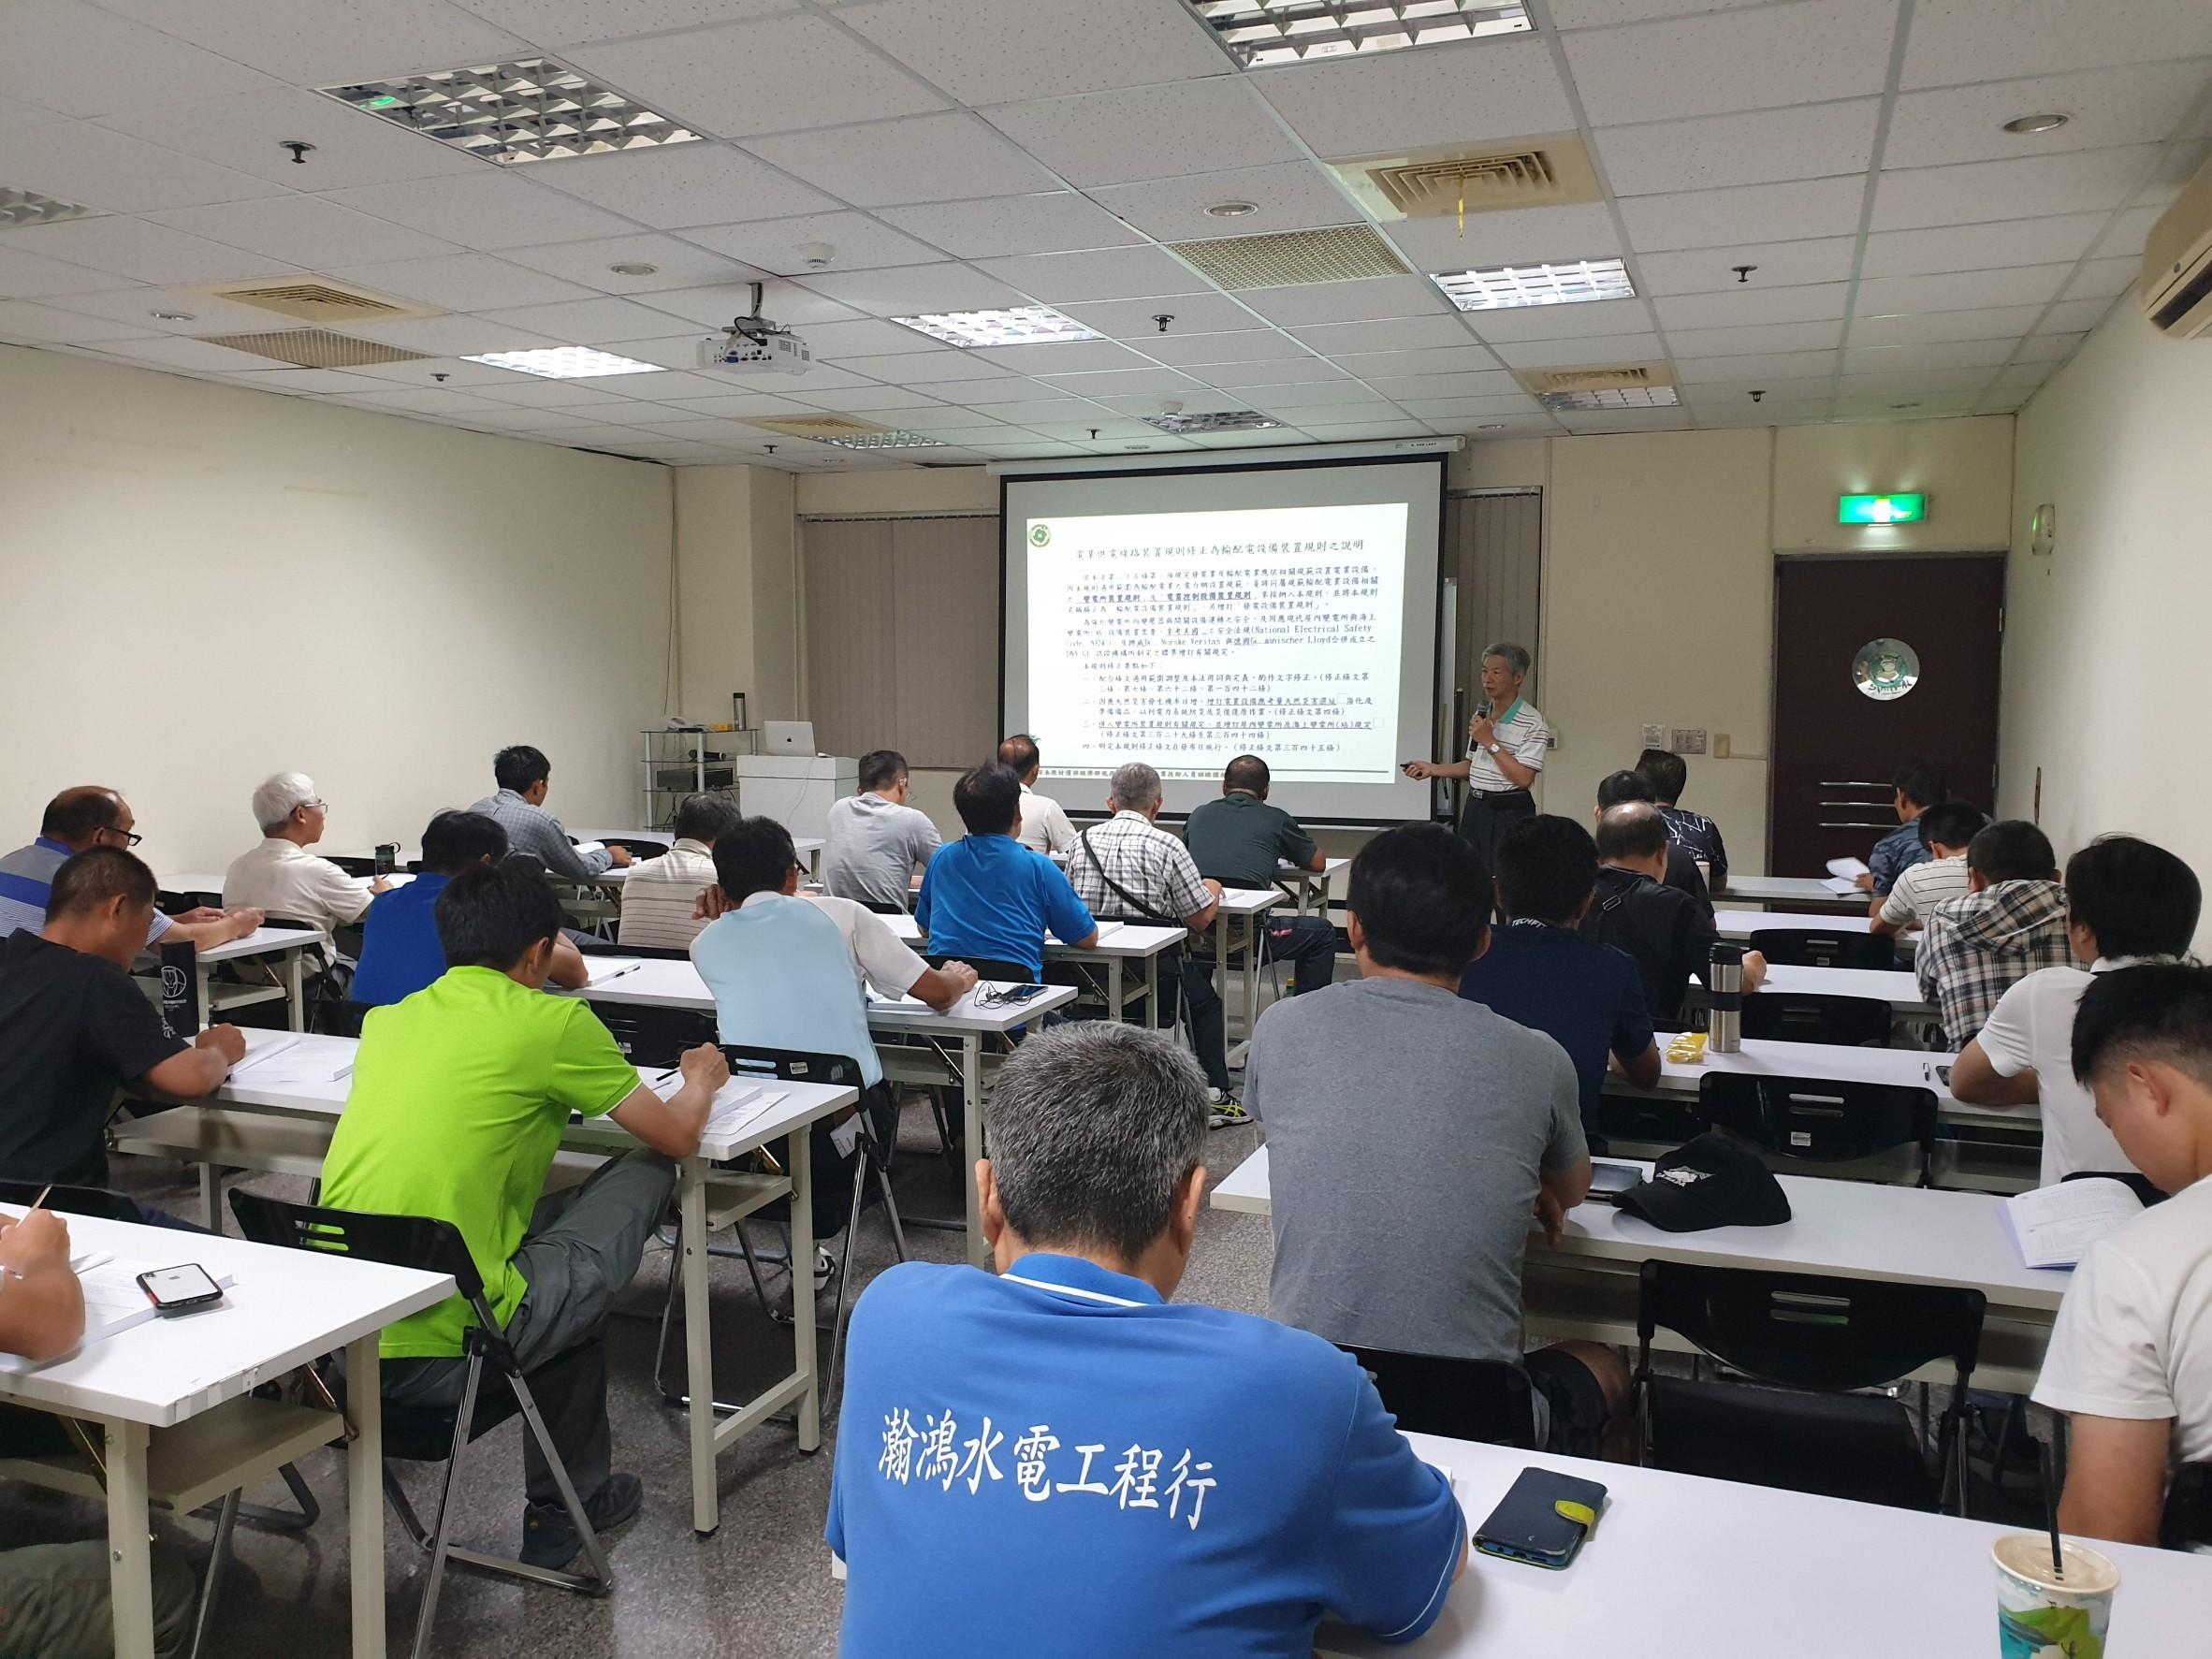 附加圖片,電力工程行業技術人員培訓課程-桃園市